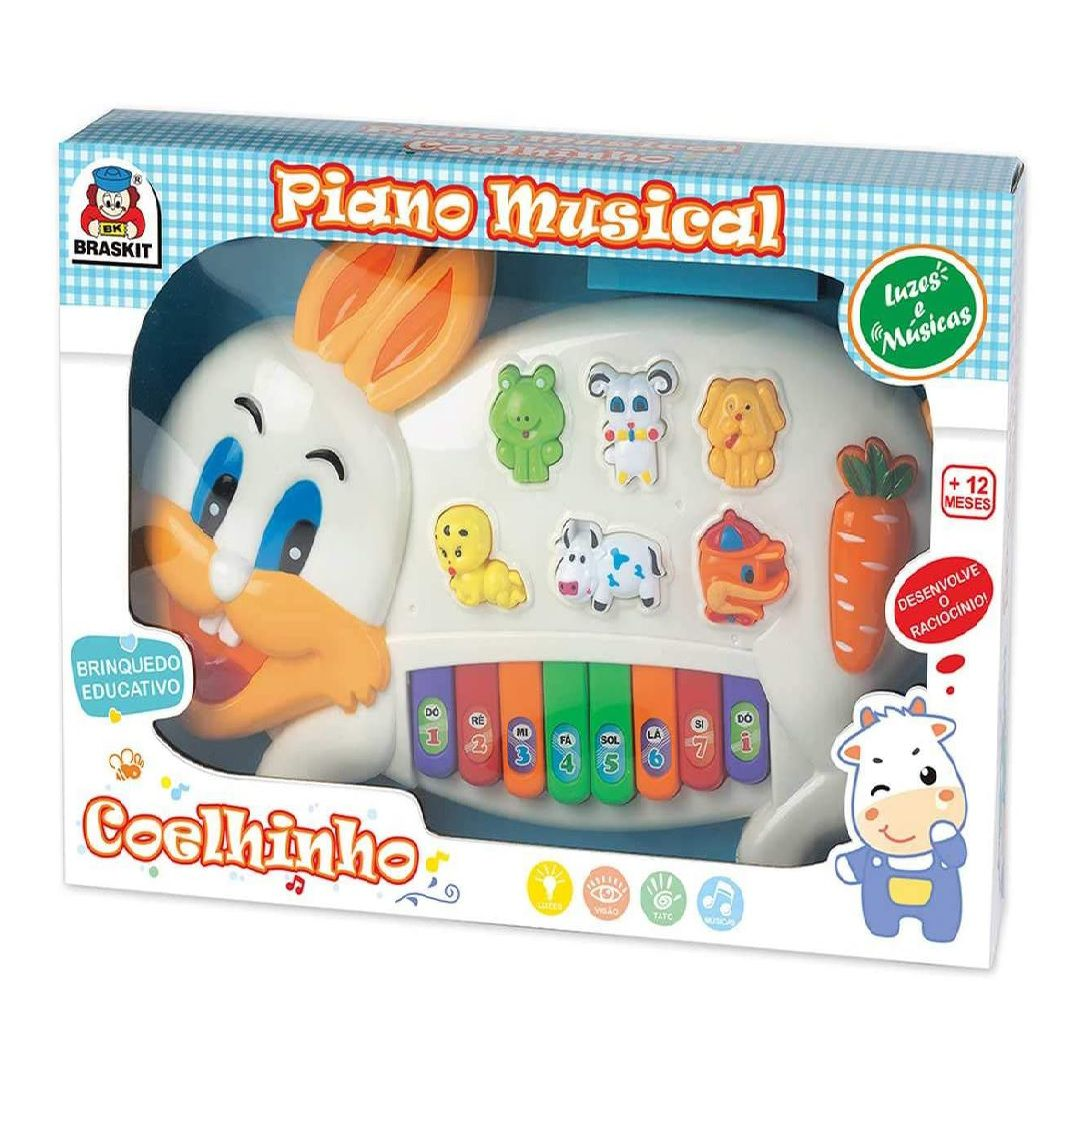 Piano Musical Coelhinho com Luz e Som - Braskit